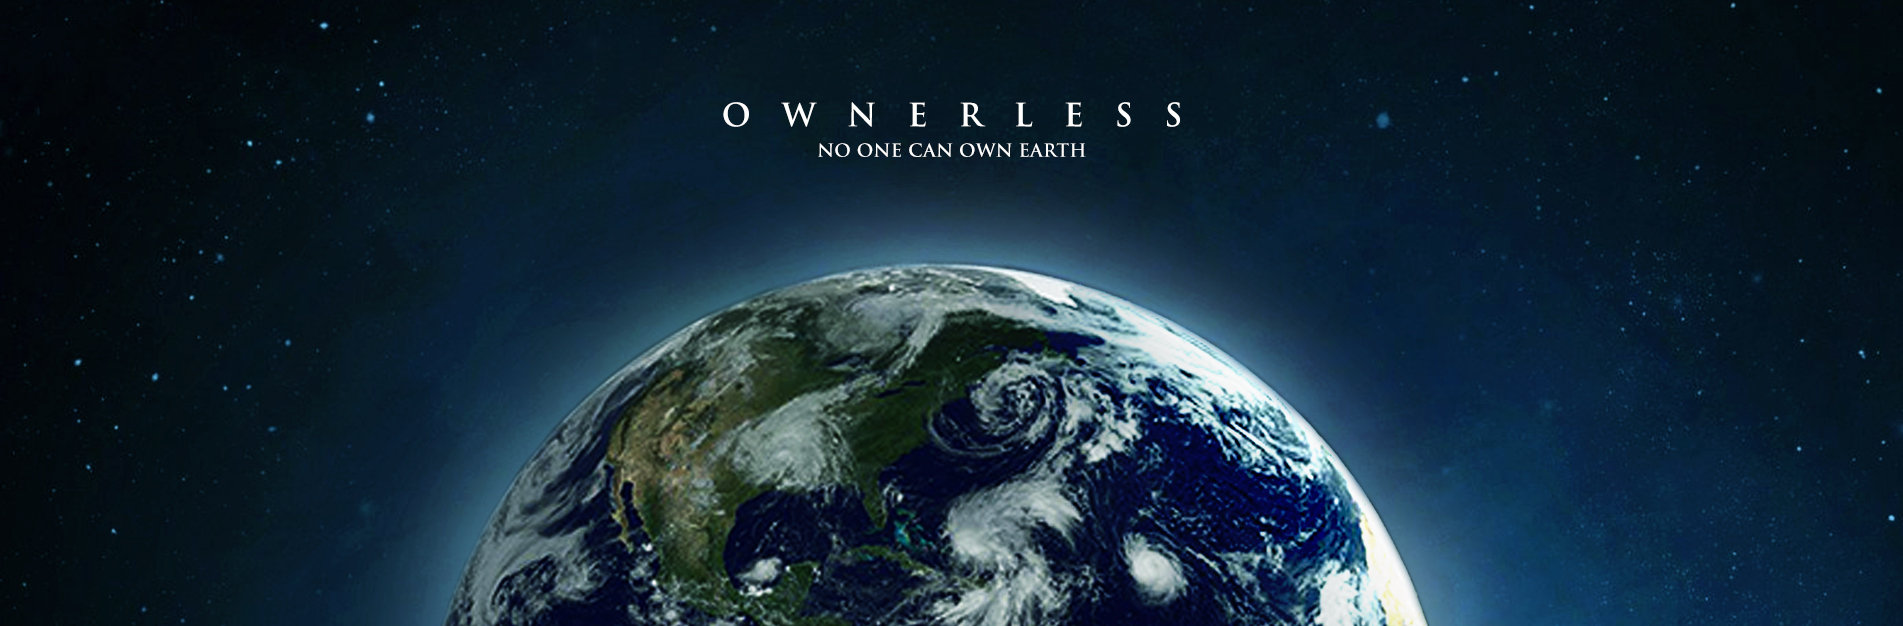 Ownerless.jpg